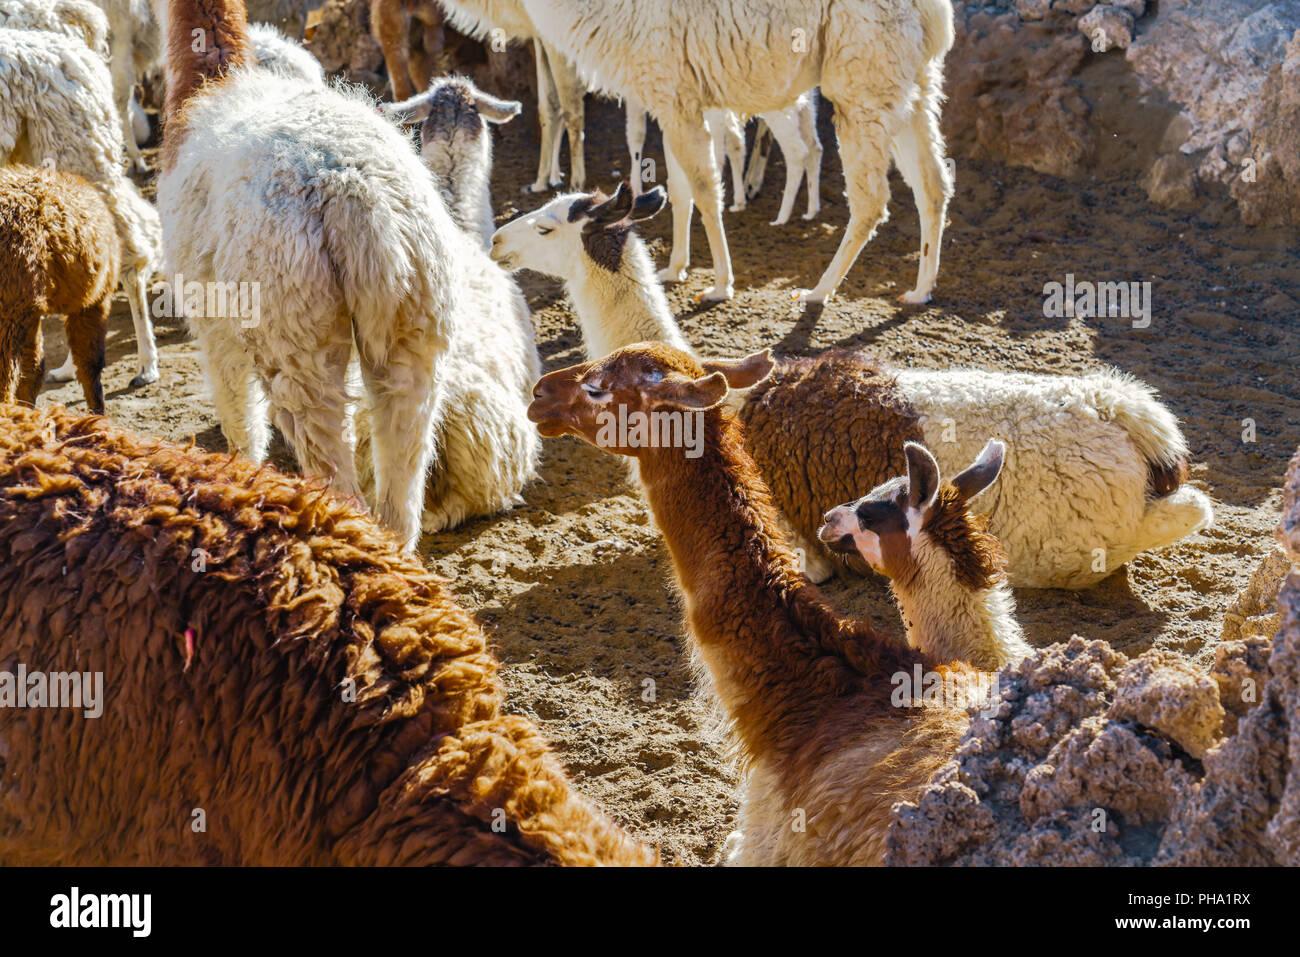 Llama descansa sobre el suelo en el altiplano meridional Imagen De Stock